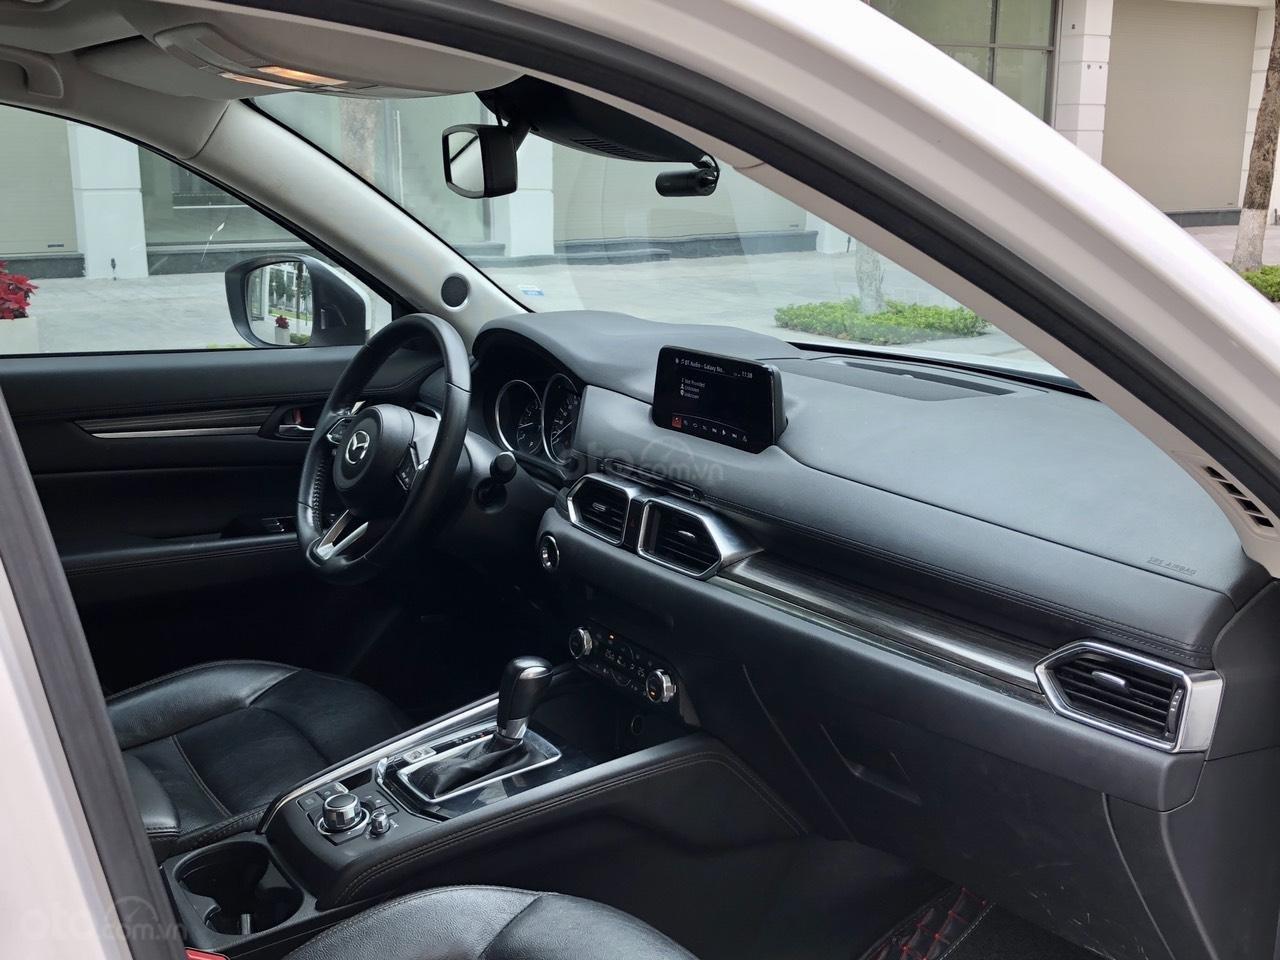 [Hot] bán nhanh Mazda CX5 2.5 đời 2018 màu trắng, xe 1 chủ từ đầu biển HN, xe đẹp không 1 lỗi nhỏ (9)